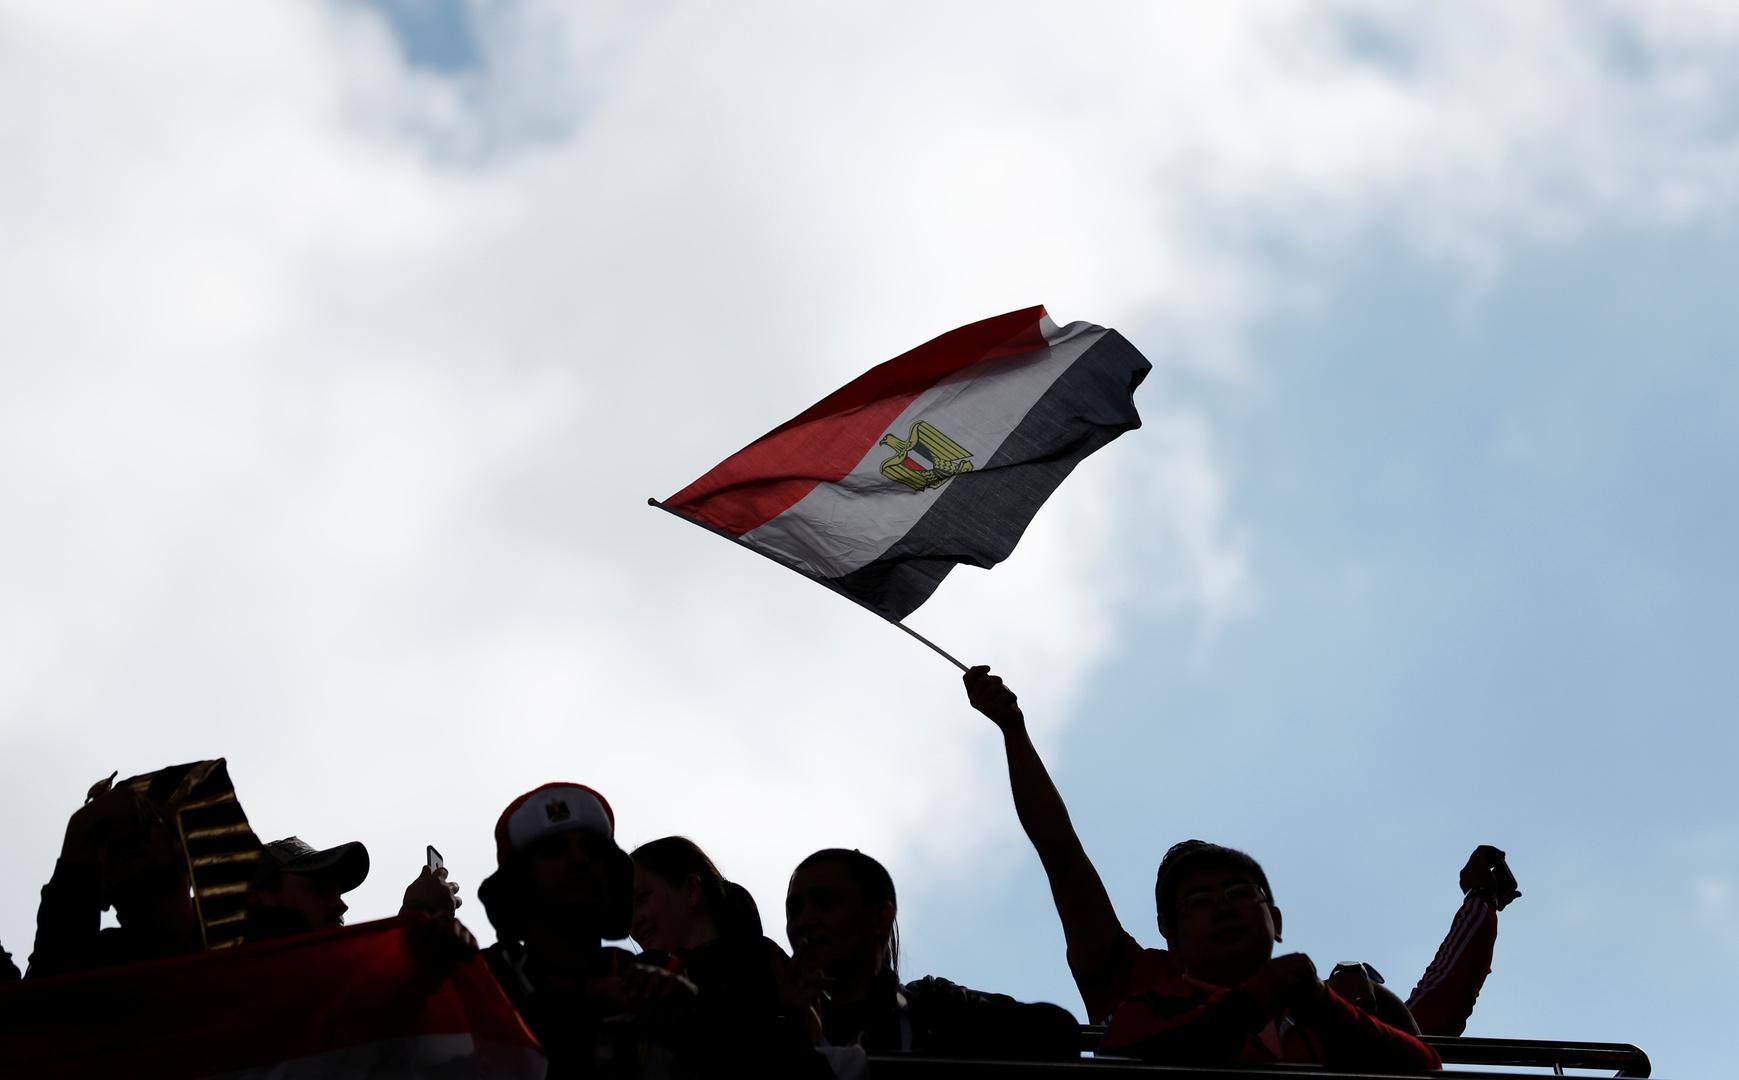 مصر ترفض تجنيس فلسطينيين وتكشف الأسباب